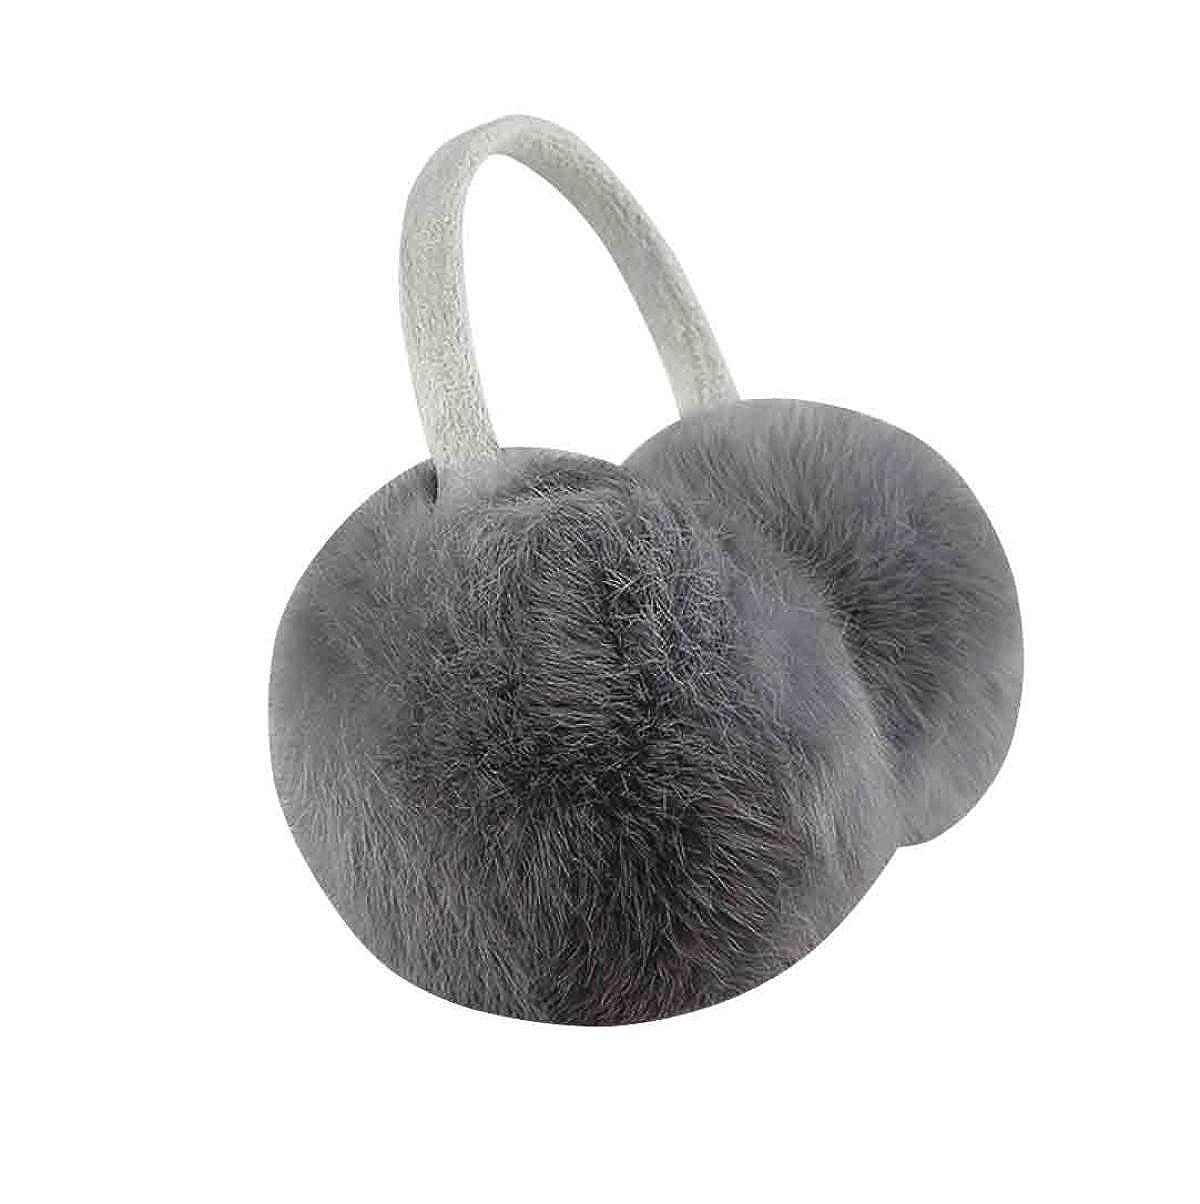 Unisex Earmuffs Winter Warm Earmuffs Plush Earmuffs Brown-OneSize ZHPUPU company